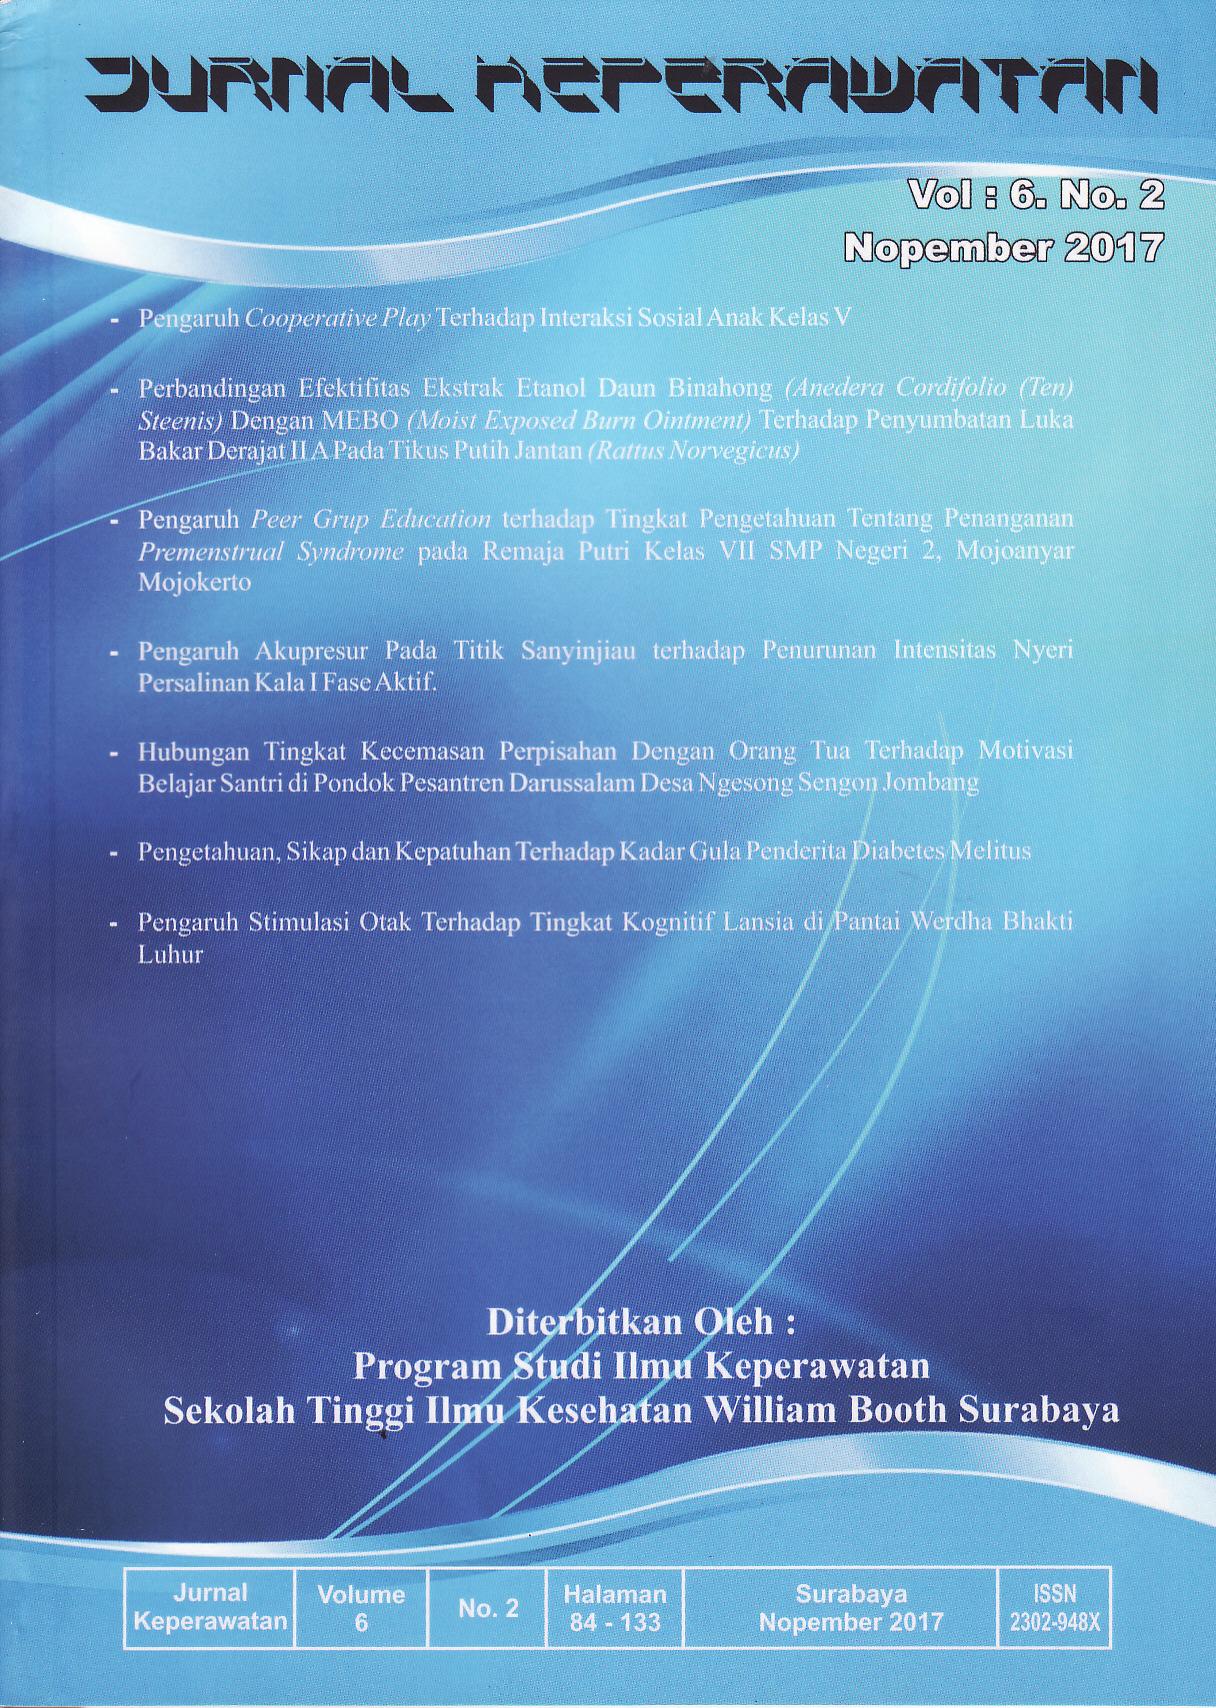 Jurnal Keperawatan Vol 6 No 2 November 2017